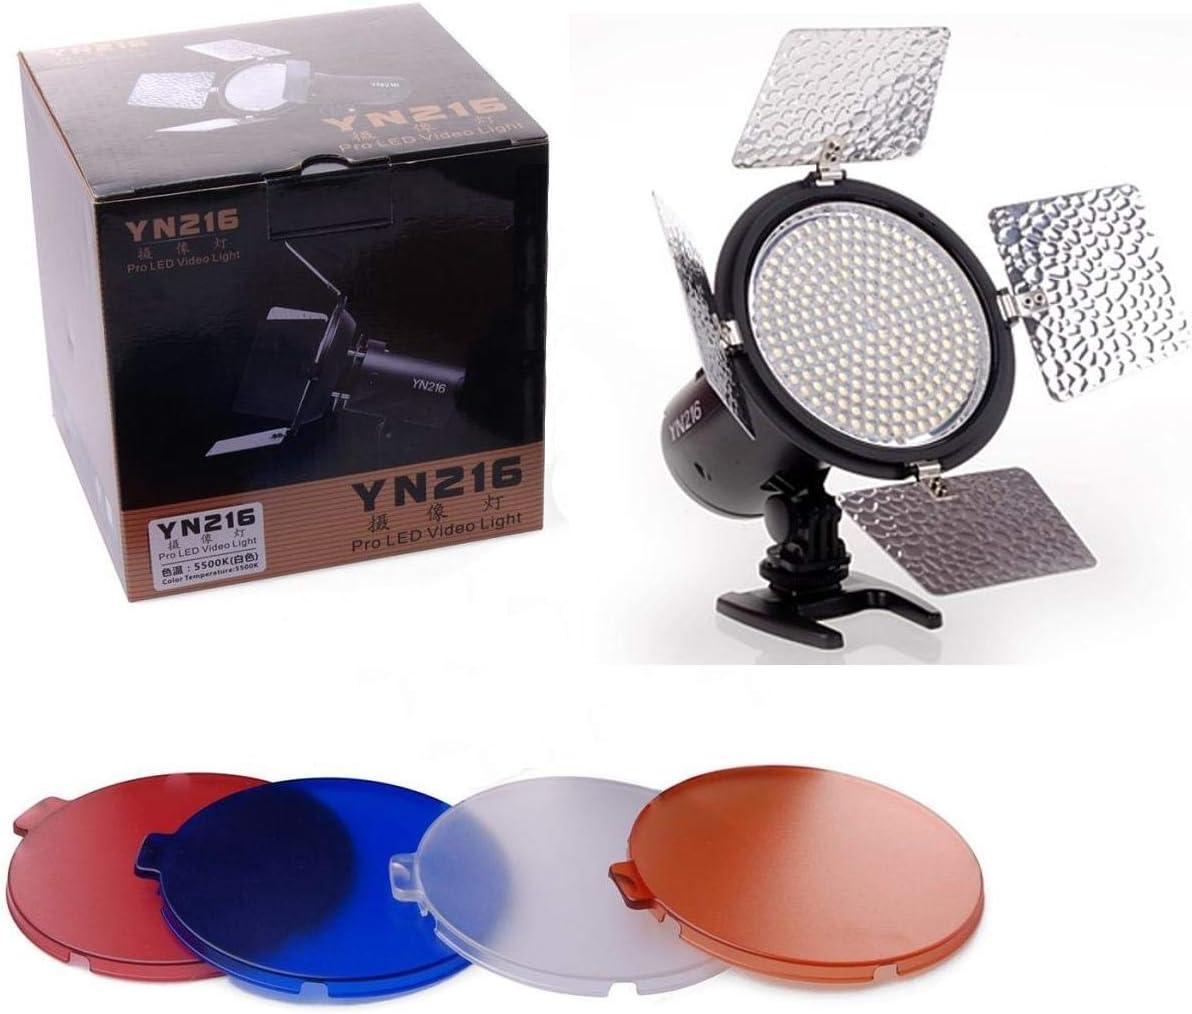 Yongnuo YN216 Pro LED Video Light 5500K for DSLR Camcorder